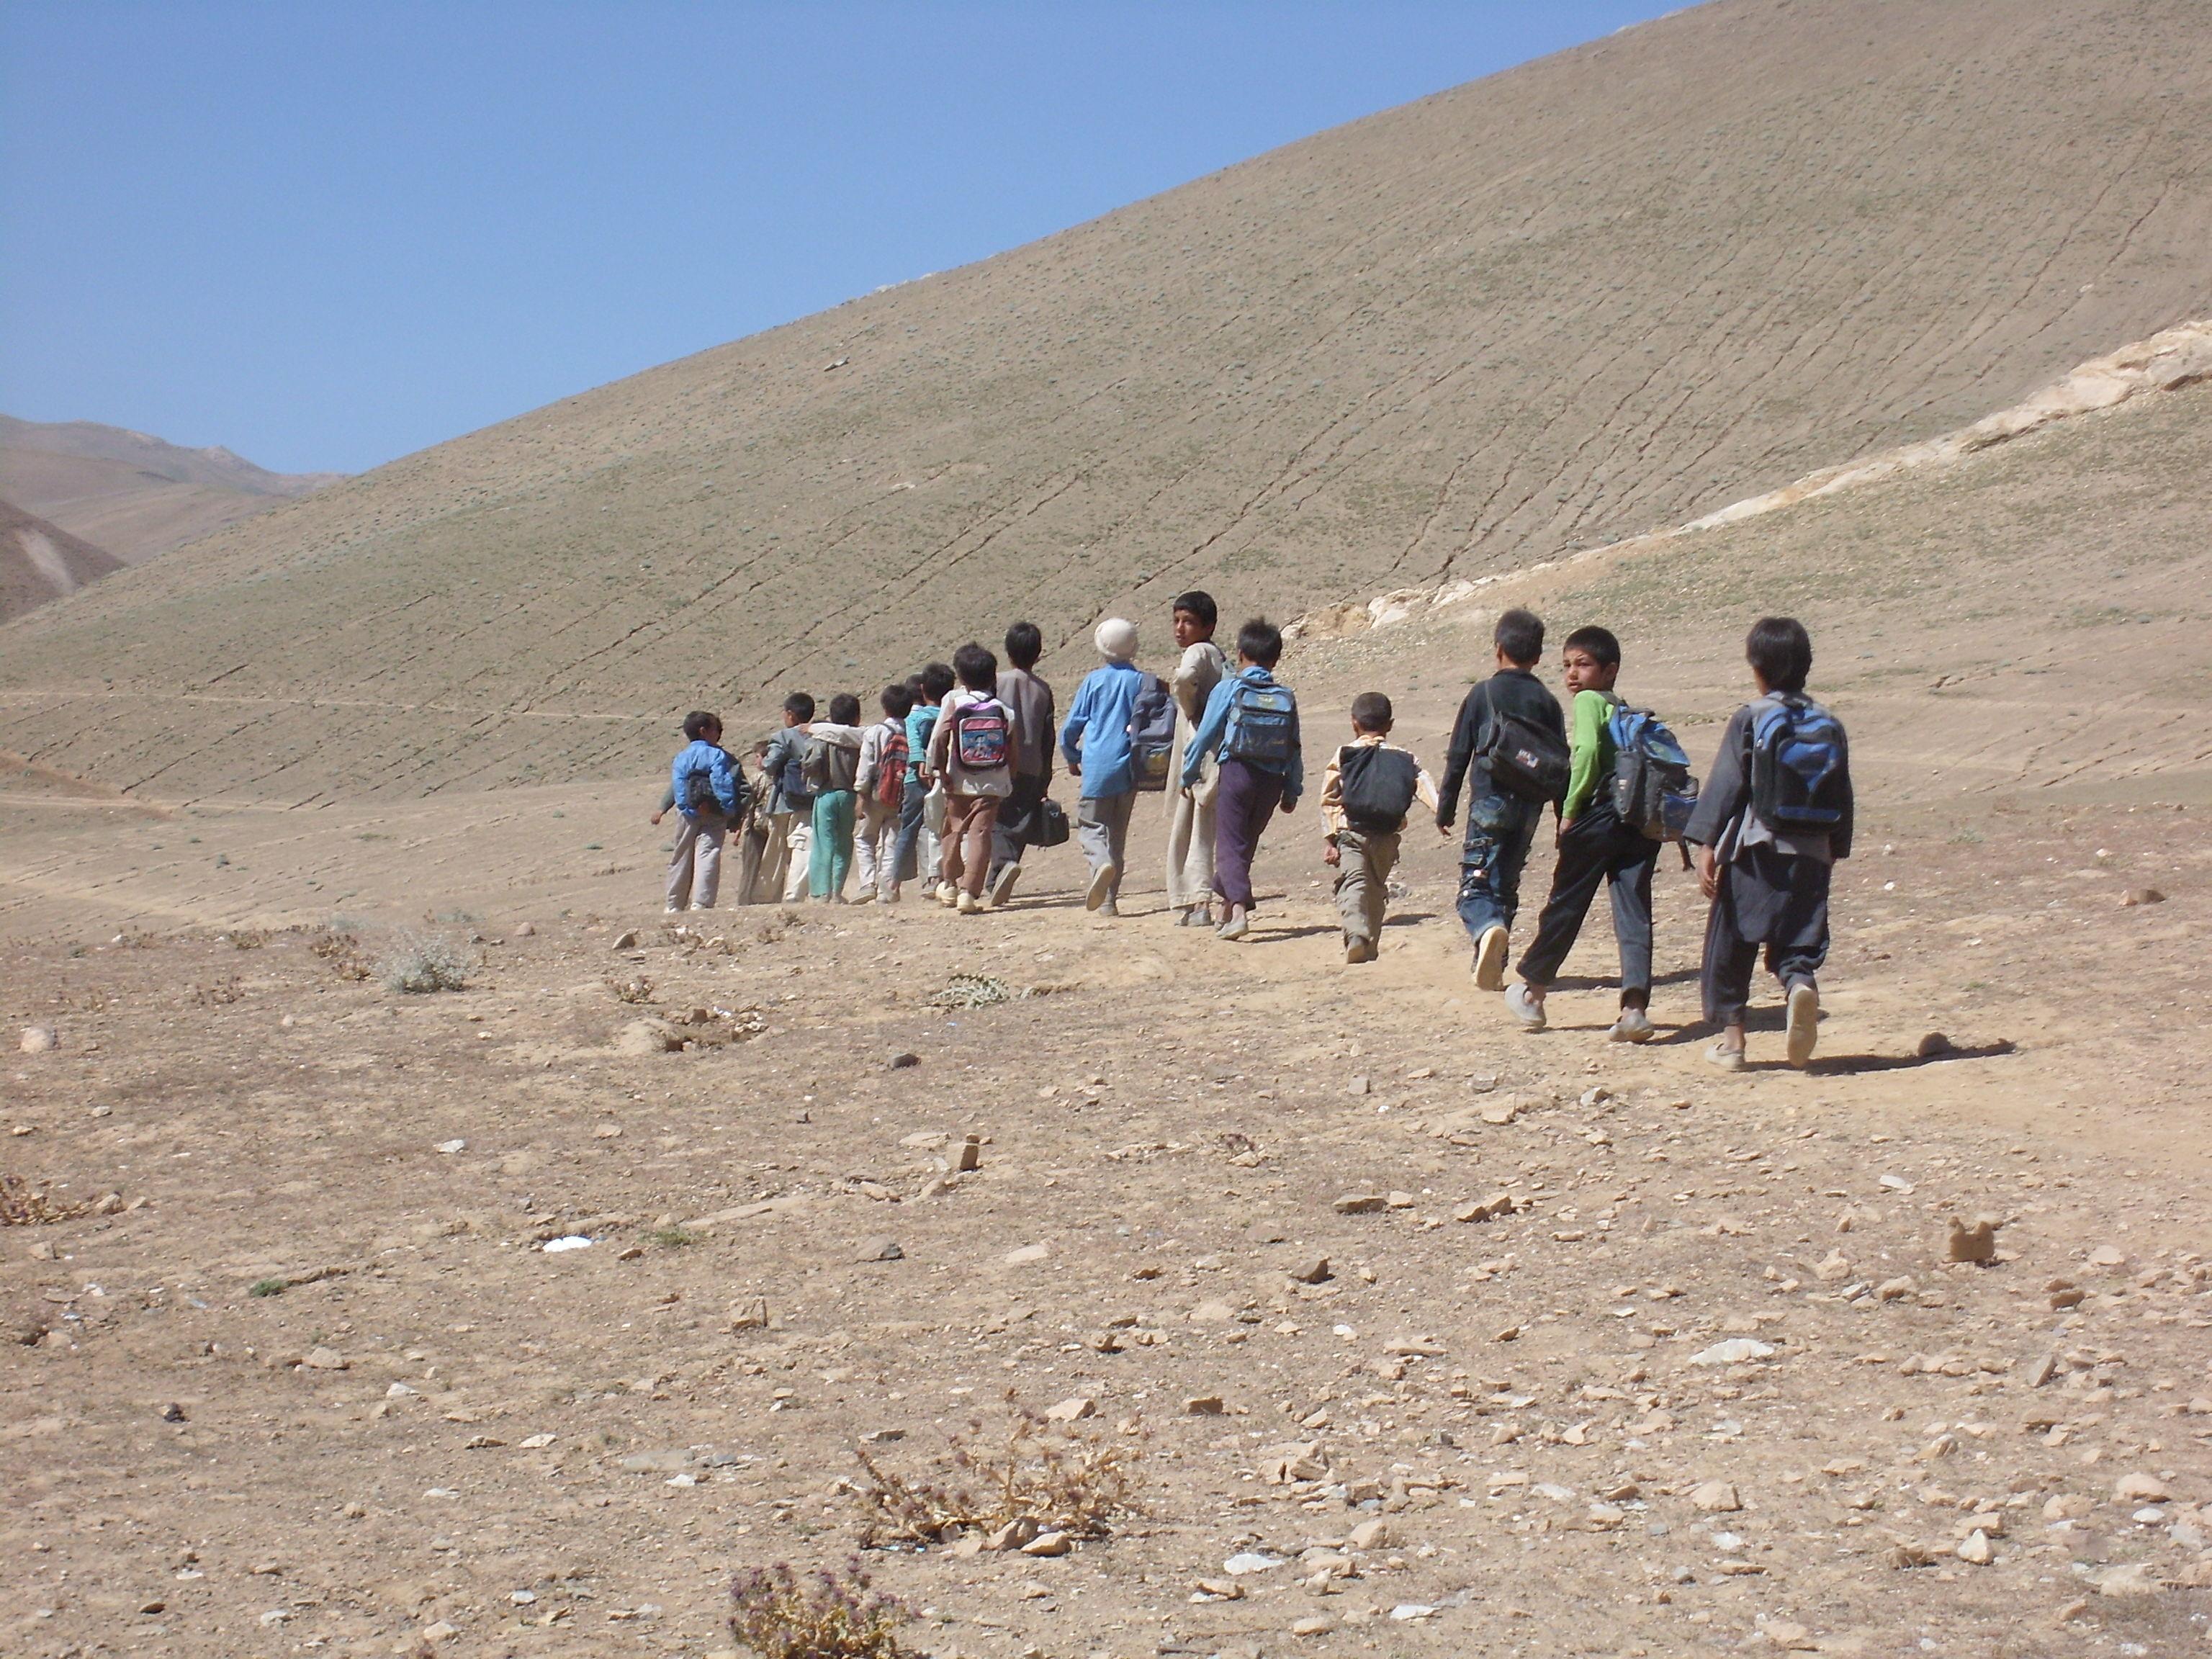 L'éducation, le meilleur chemin vers la paix